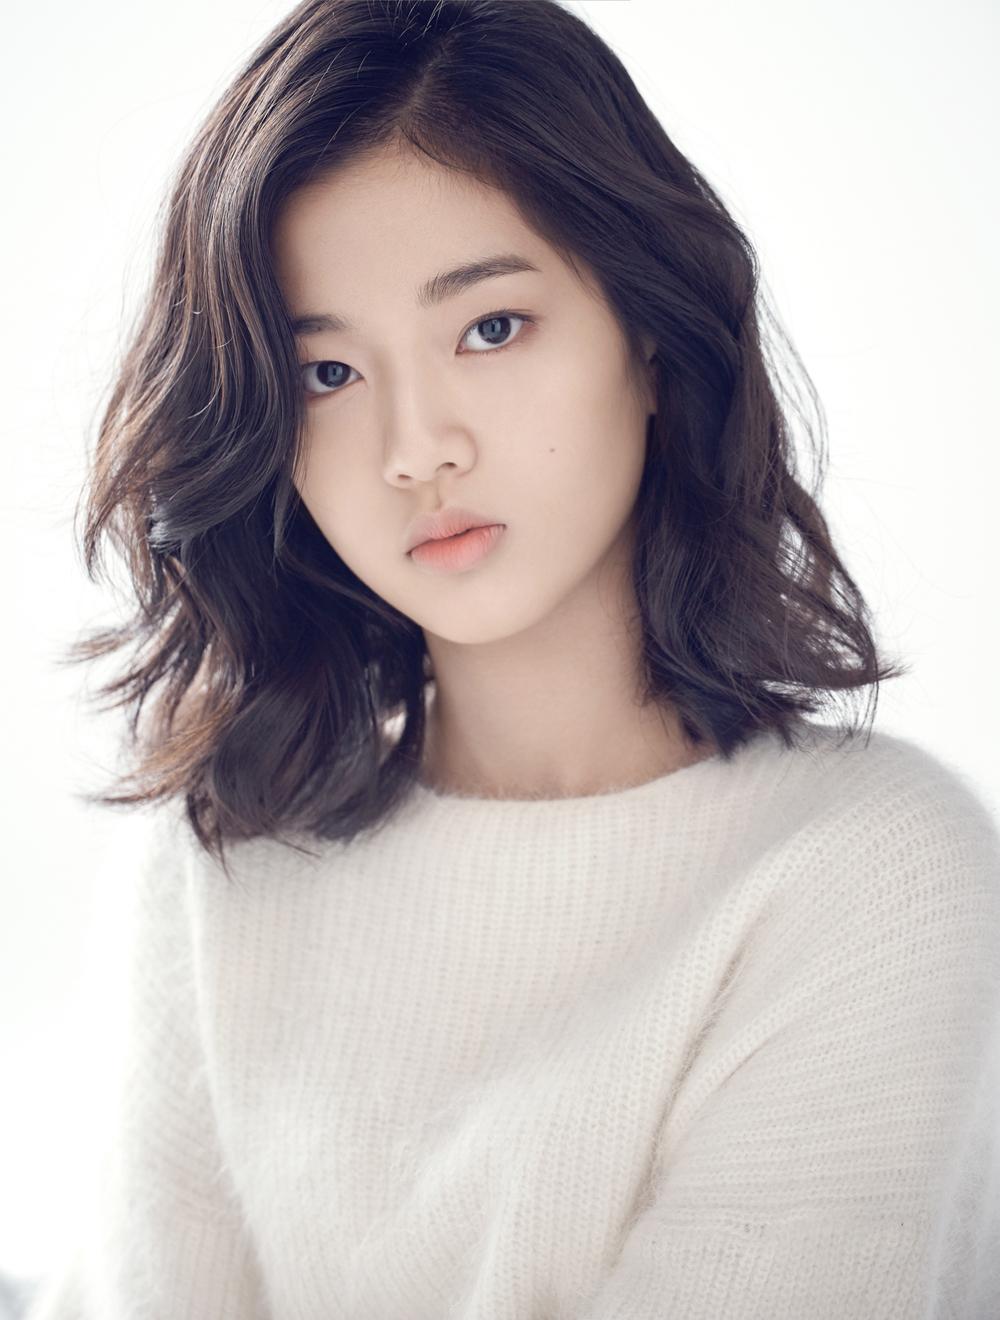 신은수, 김지운 감독 신작 <인랑> 합류! '강동원과 재회' [공식]